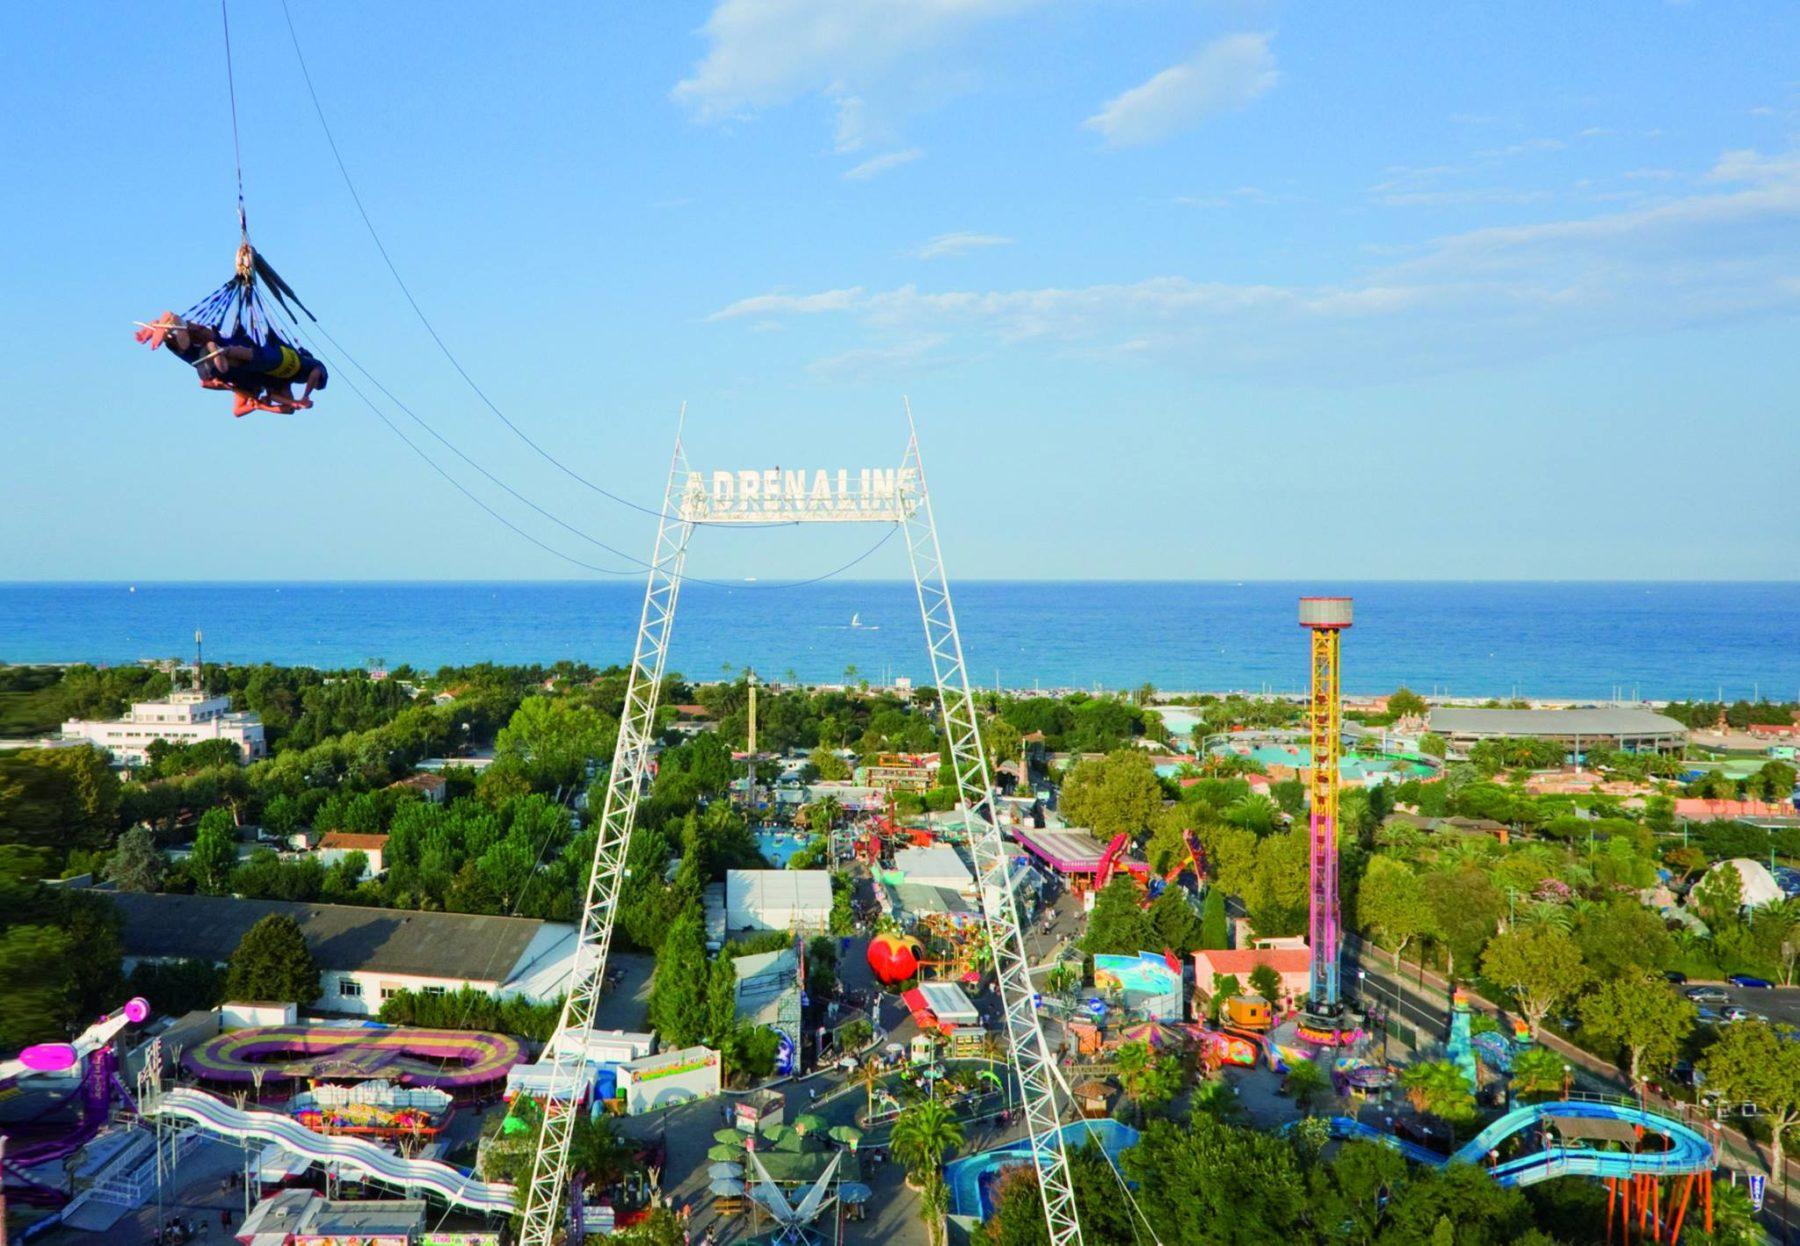 Adrenaline et vue parc, photo Antibes Land